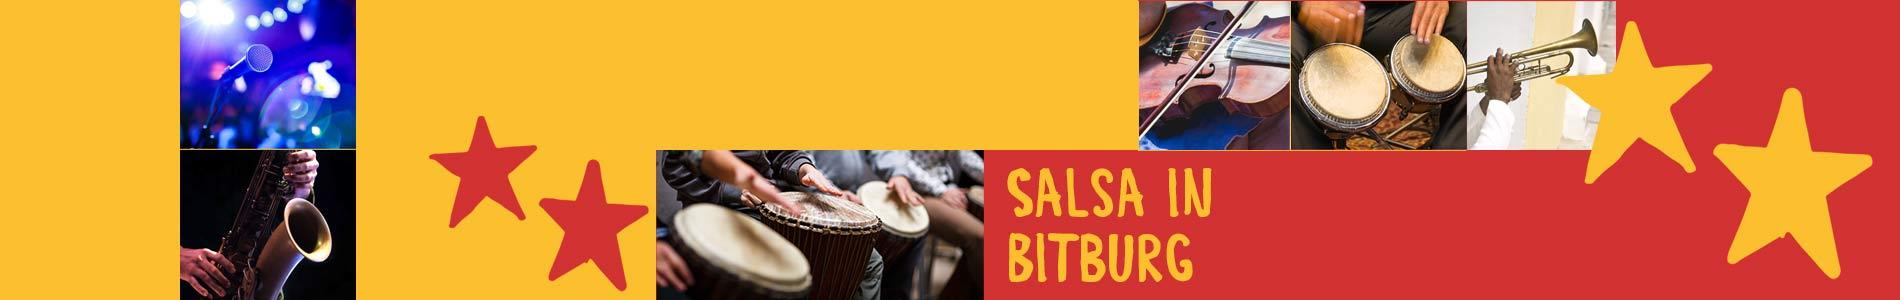 Salsa in Bitburg – Salsa lernen und tanzen, Tanzkurse, Partys, Veranstaltungen